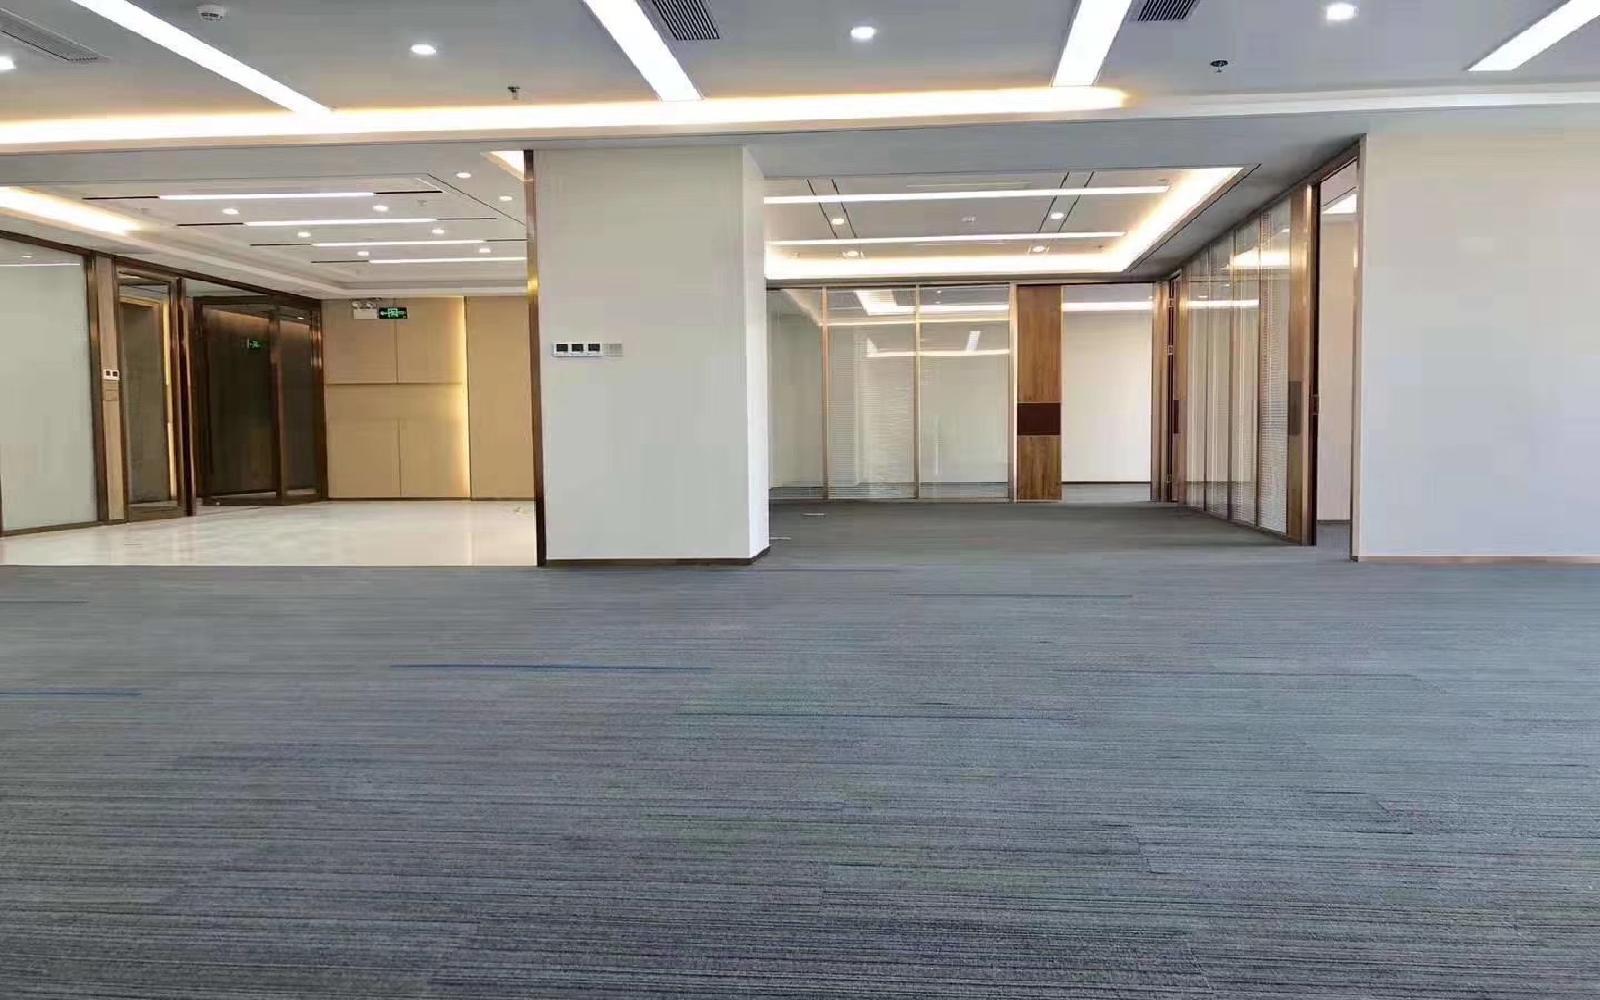 南山-后海 冠华大厦 550m²